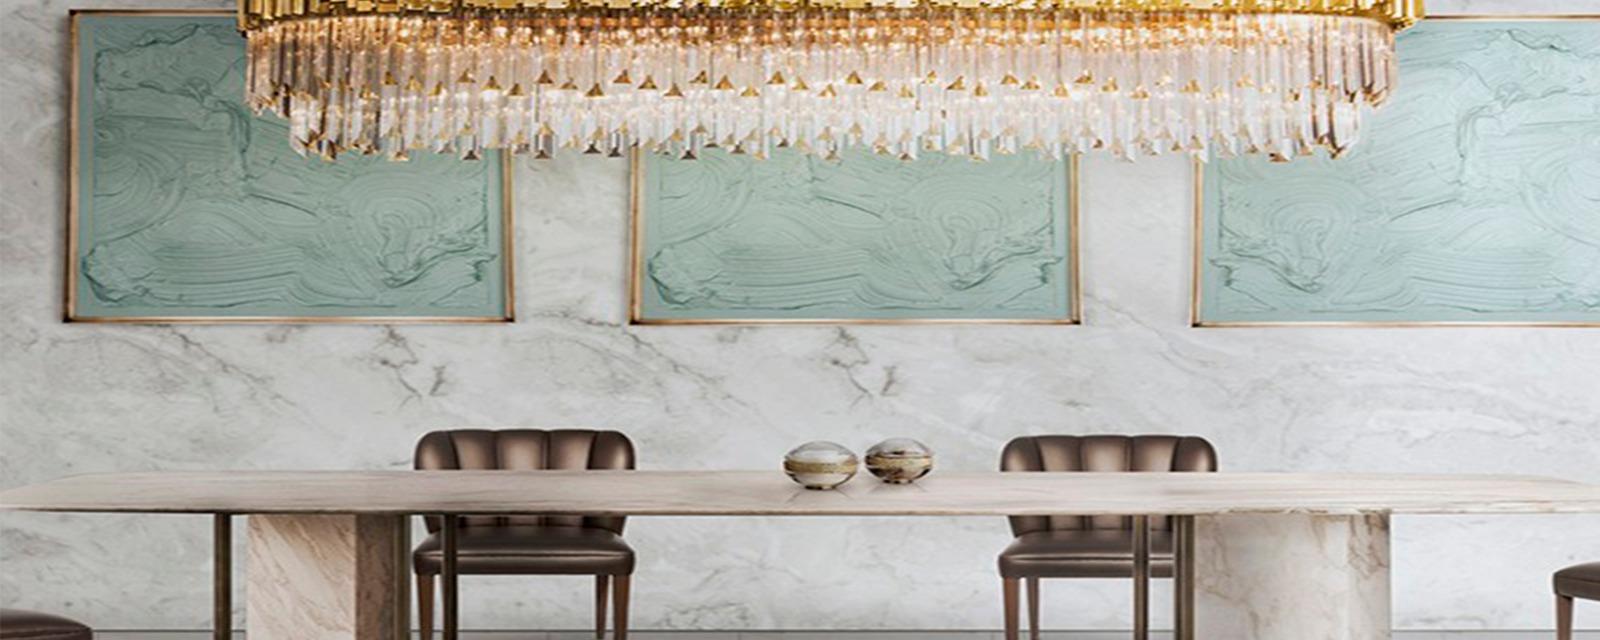 Luxxu: las tendencias 2018 de un hermoso diseño de interior de lujo tendencias 2018 Luxxu: las tendencias 2018 de un hermoso diseño de interior de lujo Featured 4